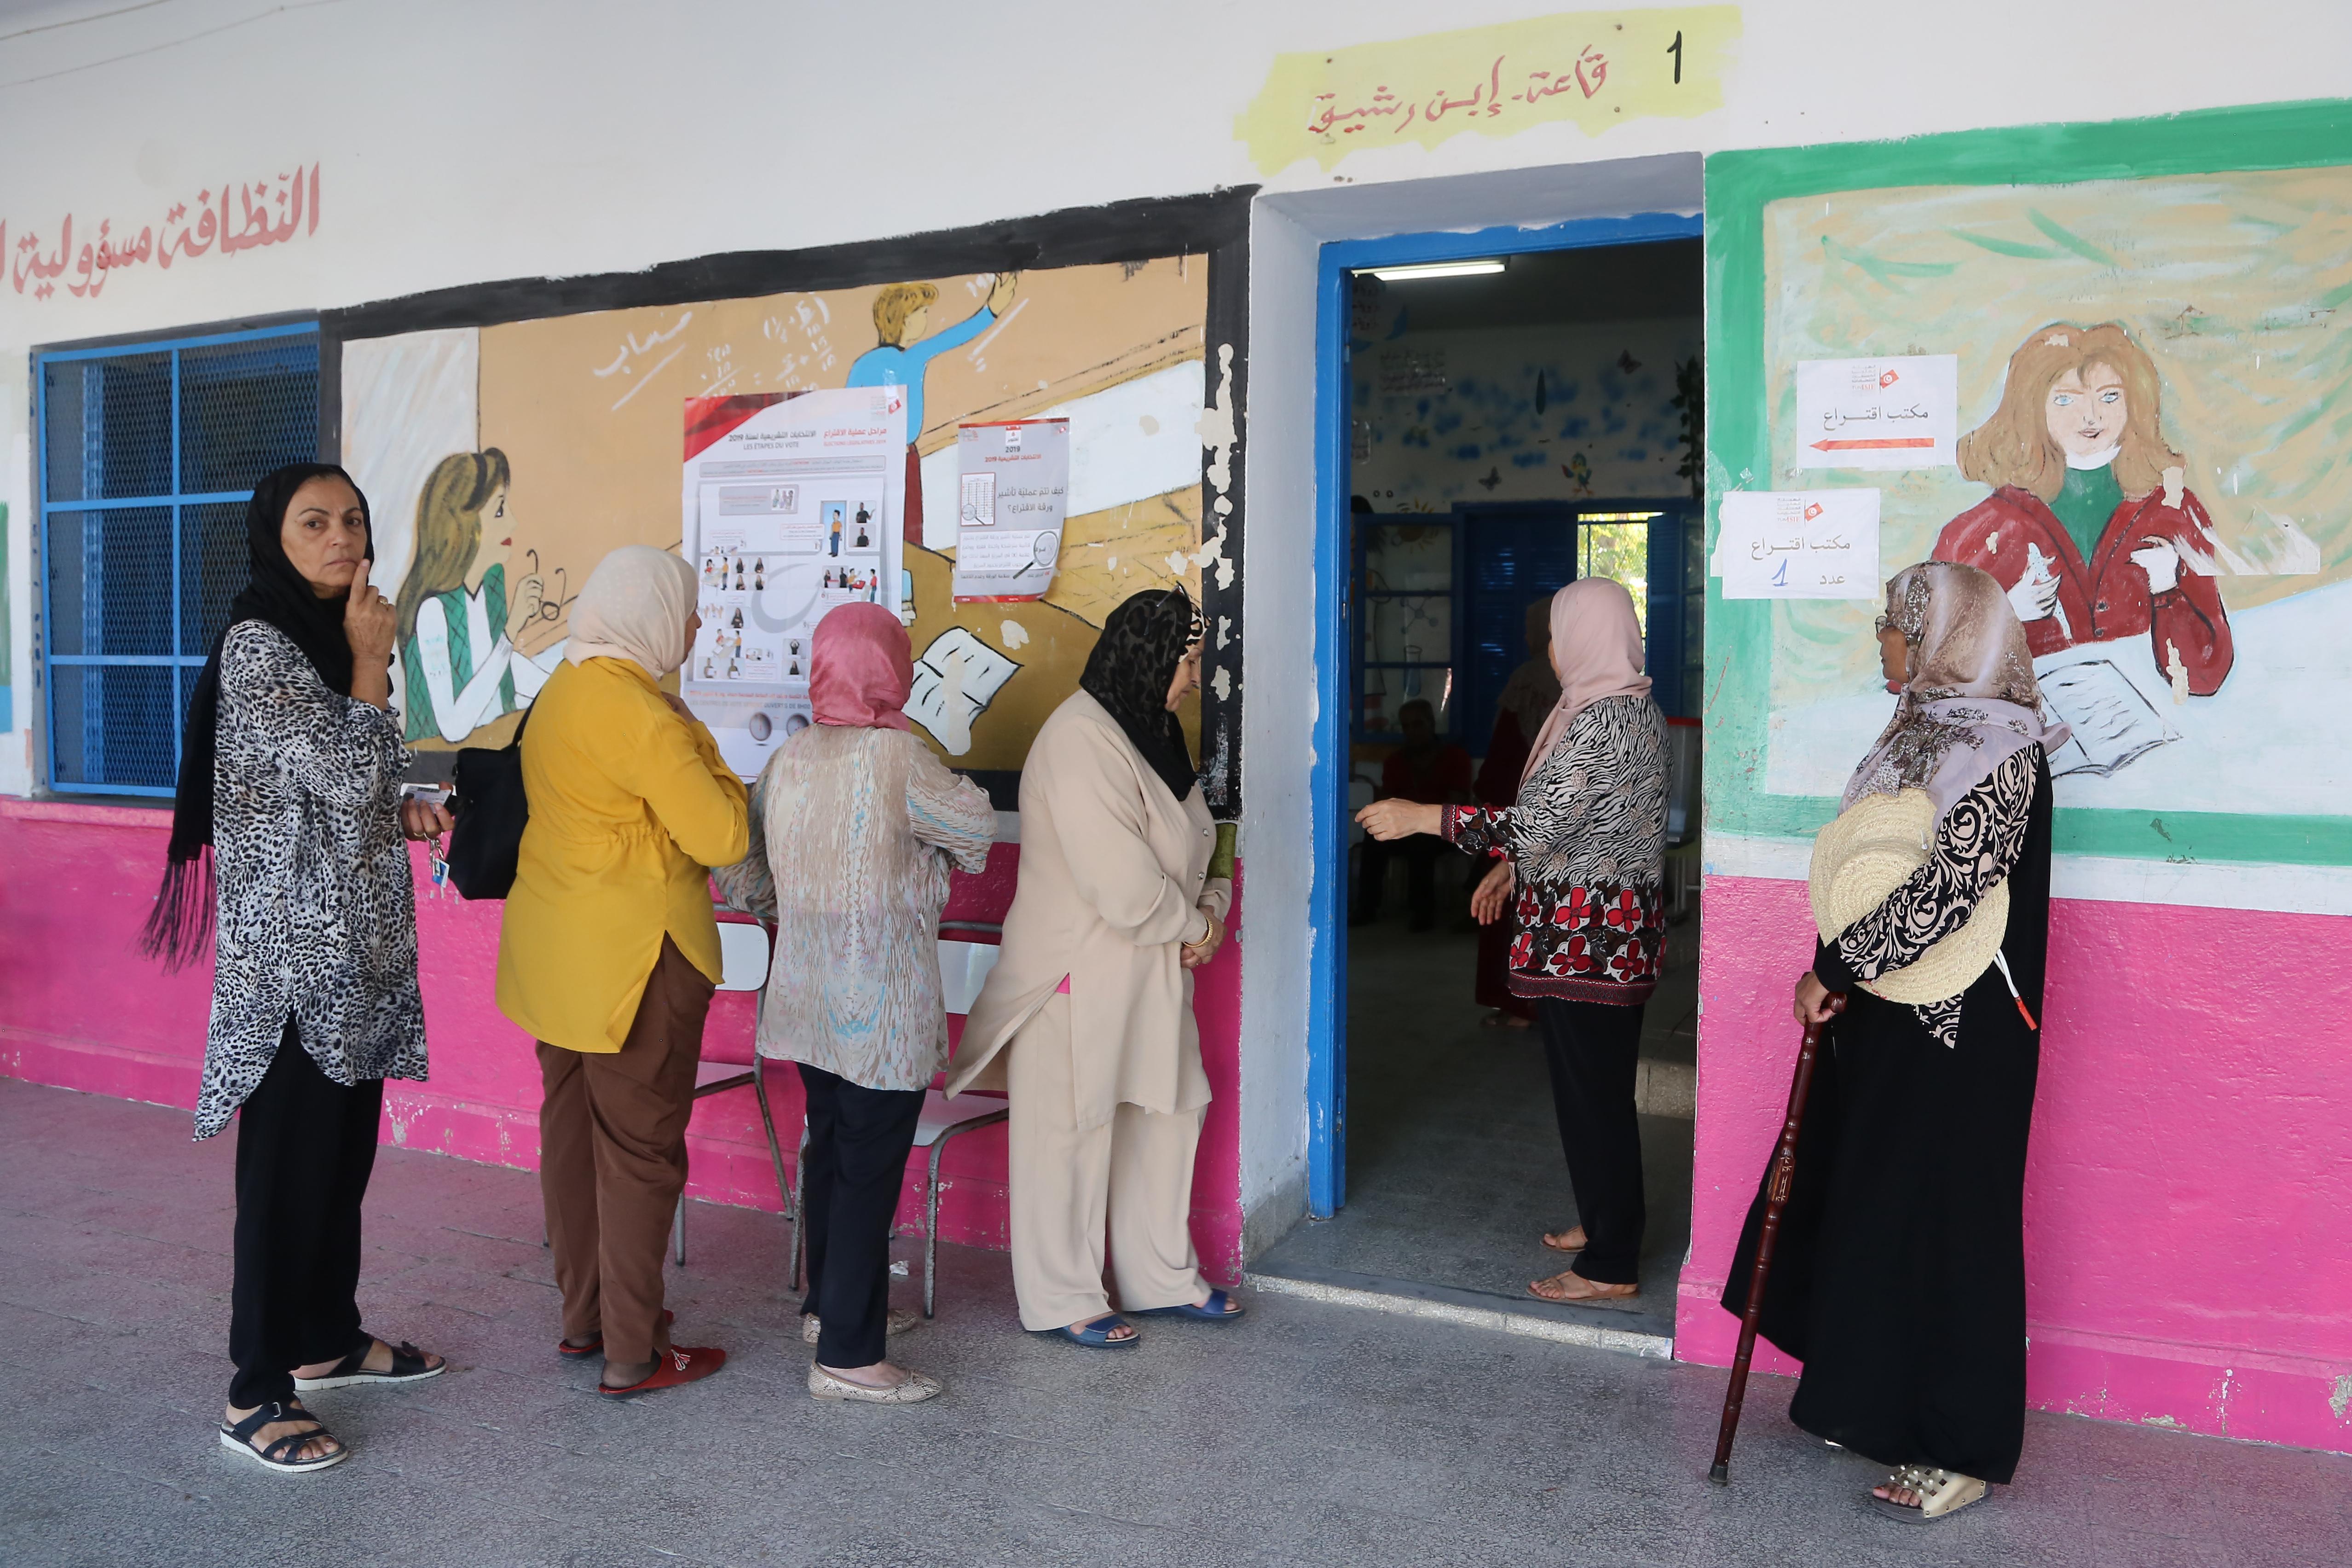 تونسيات ينتظرن دورهن للإدلاء بأصواتهن